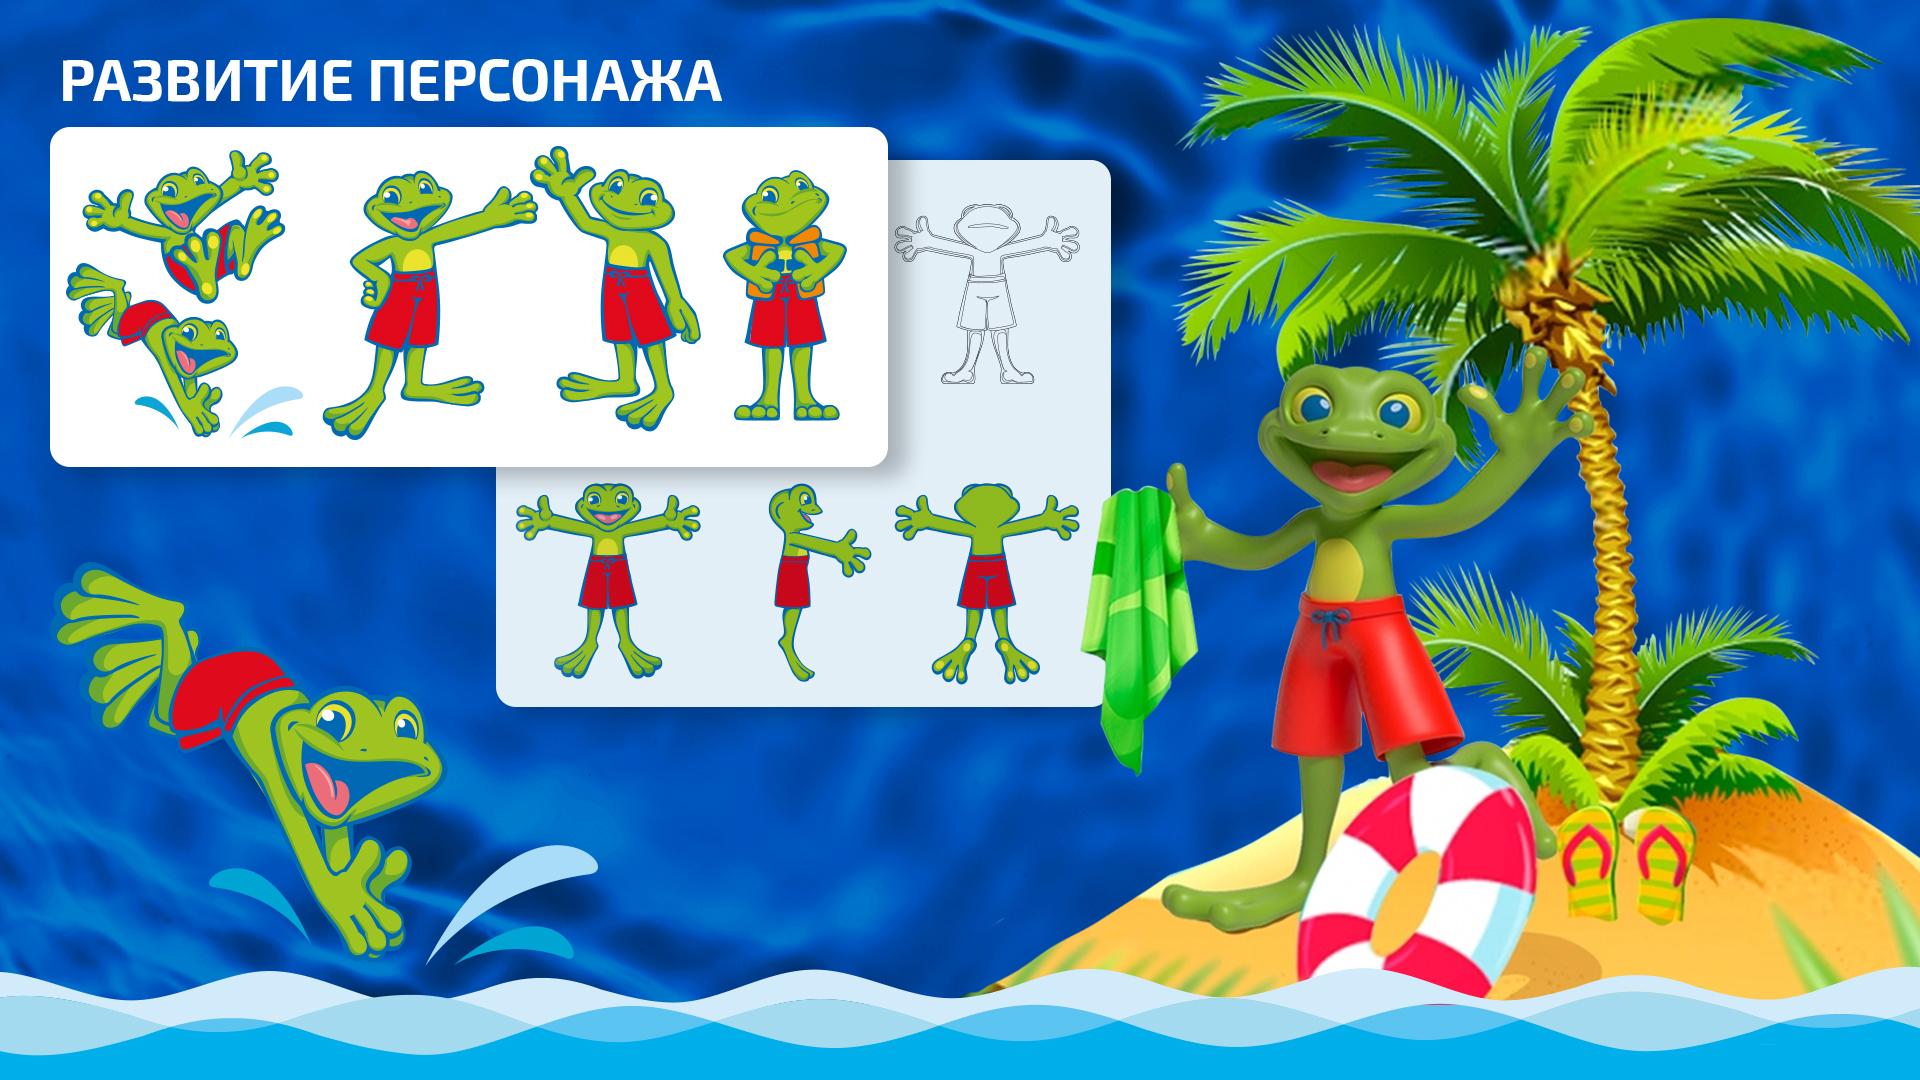 Разработка персонажа для аквапарка Ква-ква парк